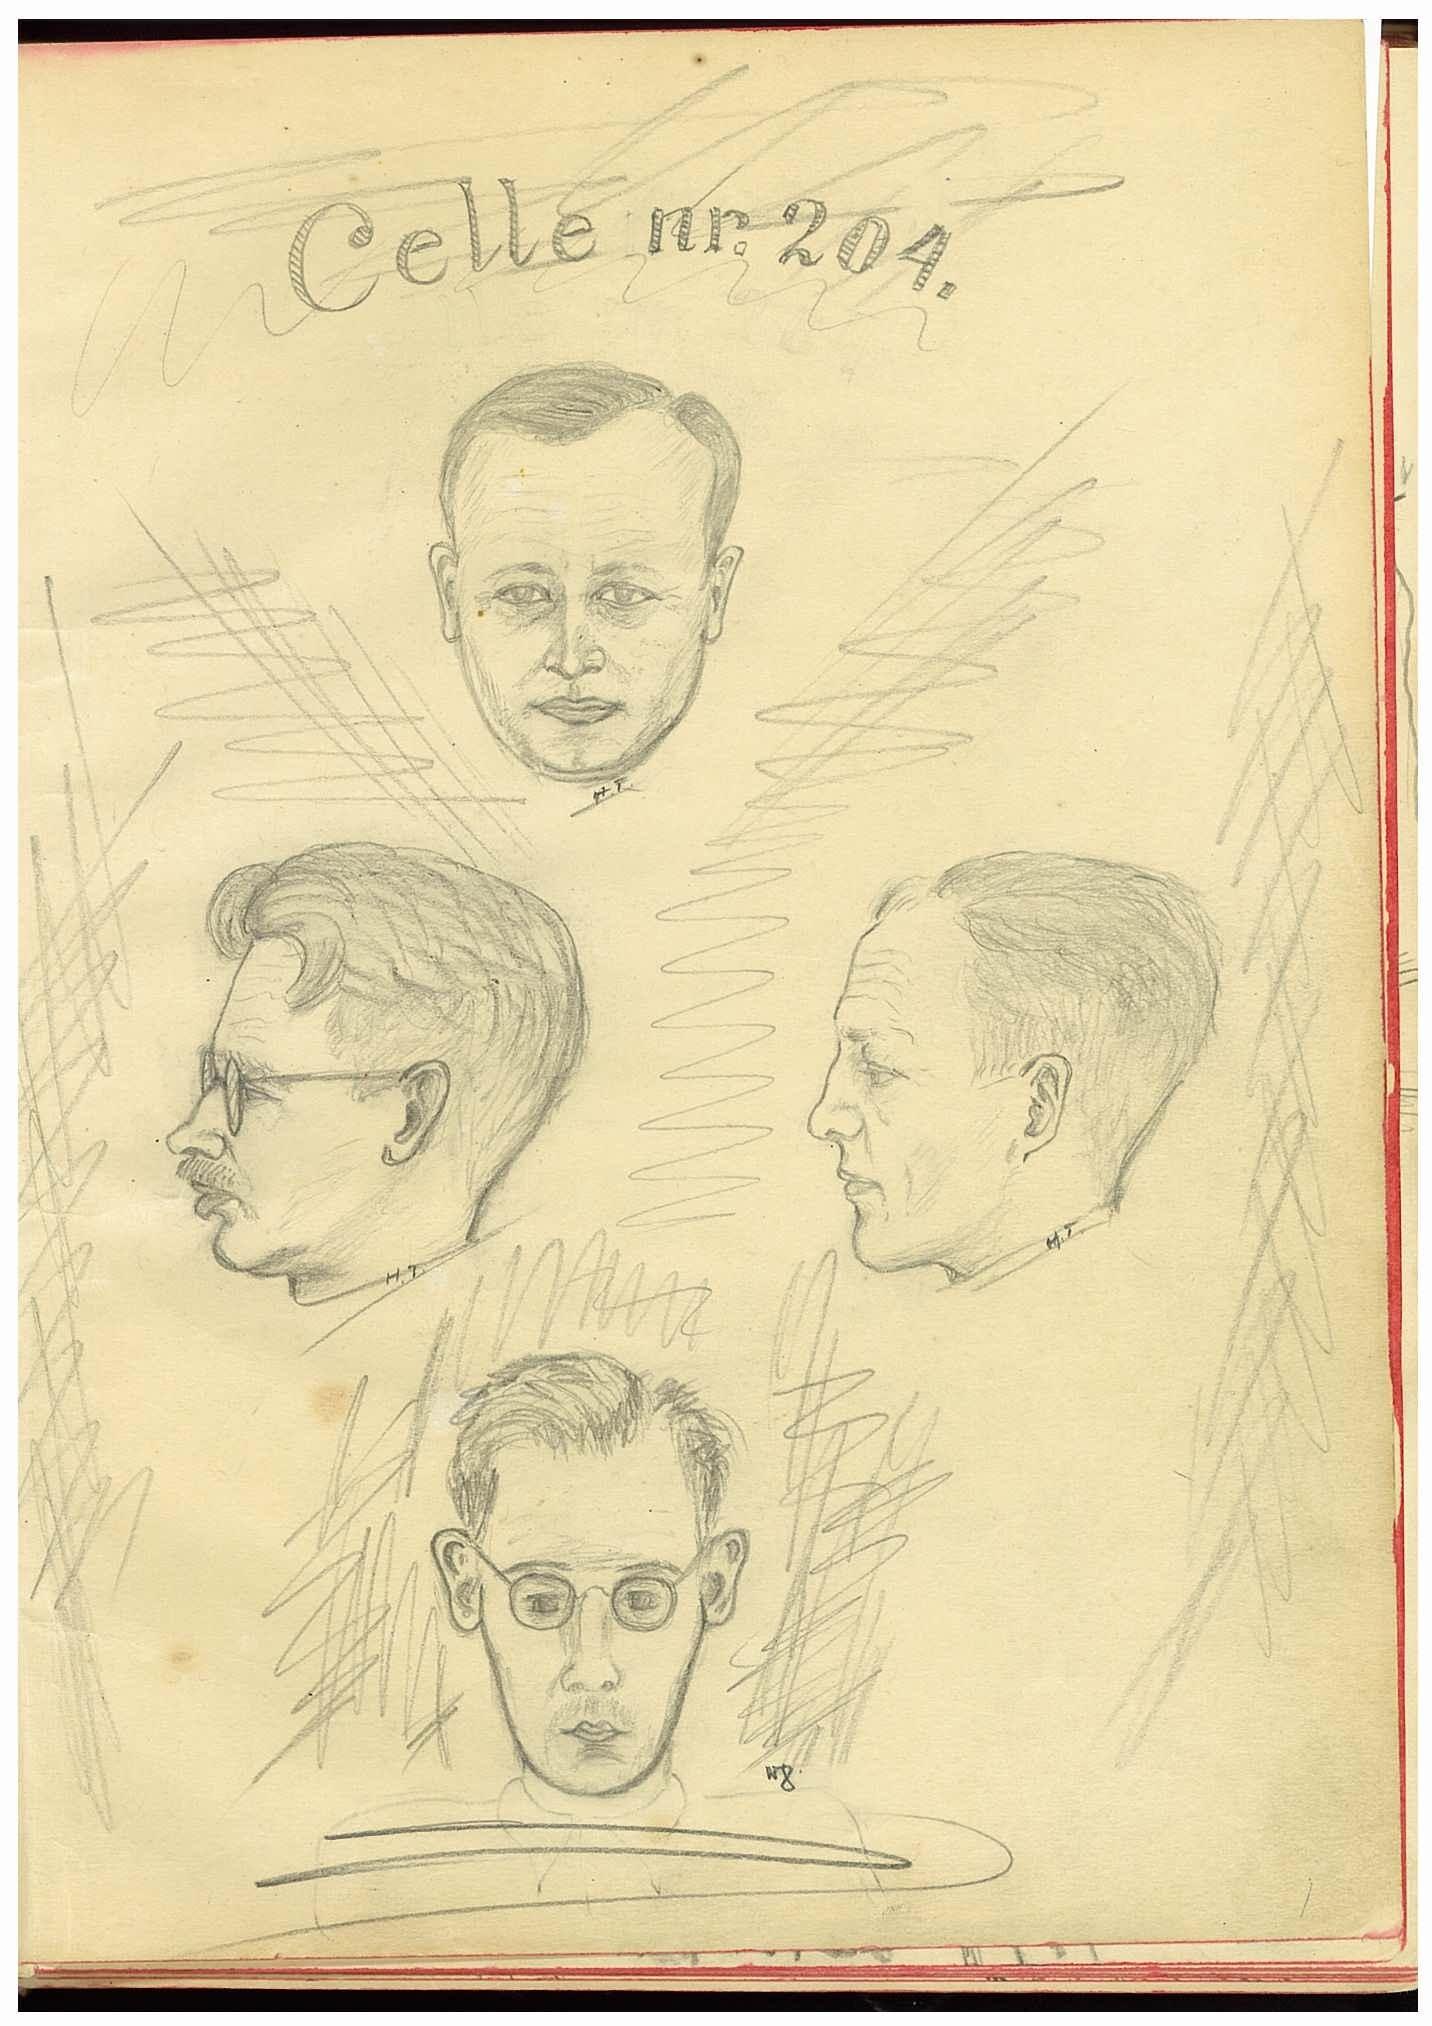 RA, Molvig, Magne, F/L0001: Minnebok med dagboksopptegnelser fra Grini fangeleir 15.08-21.10. 1941, og brev, postkort og avisutklipp (uttatt fra fotoalbum U1), 1941, s. 1